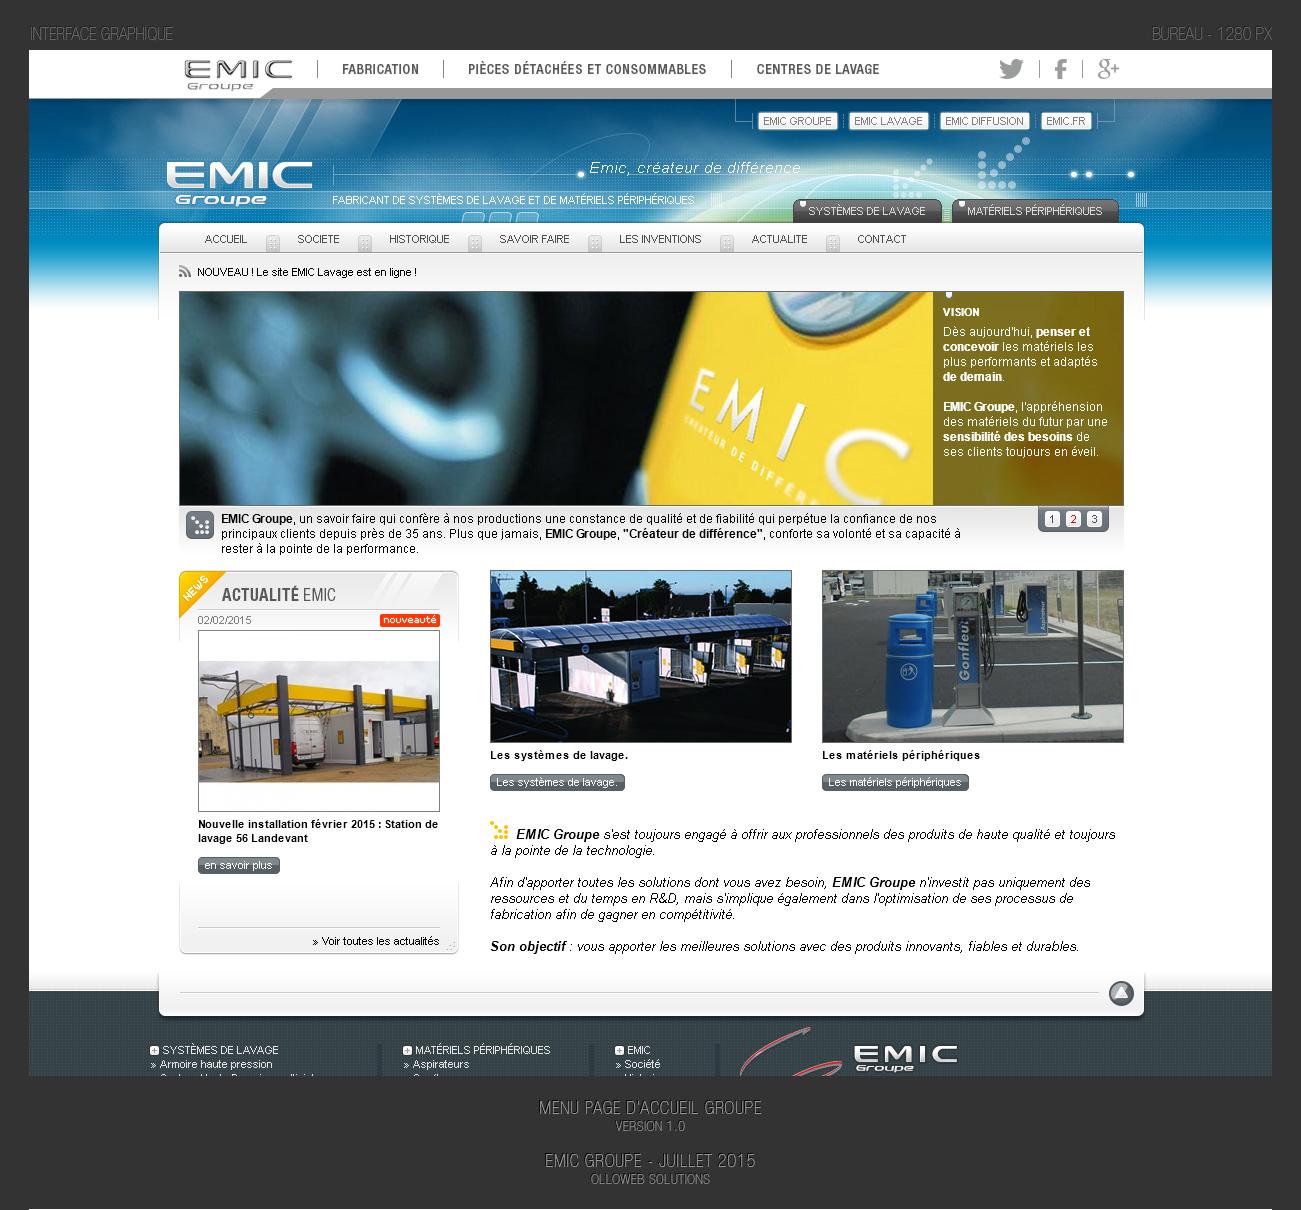 Conception graphique du menu pour l'harmonisation du site Emic.fr